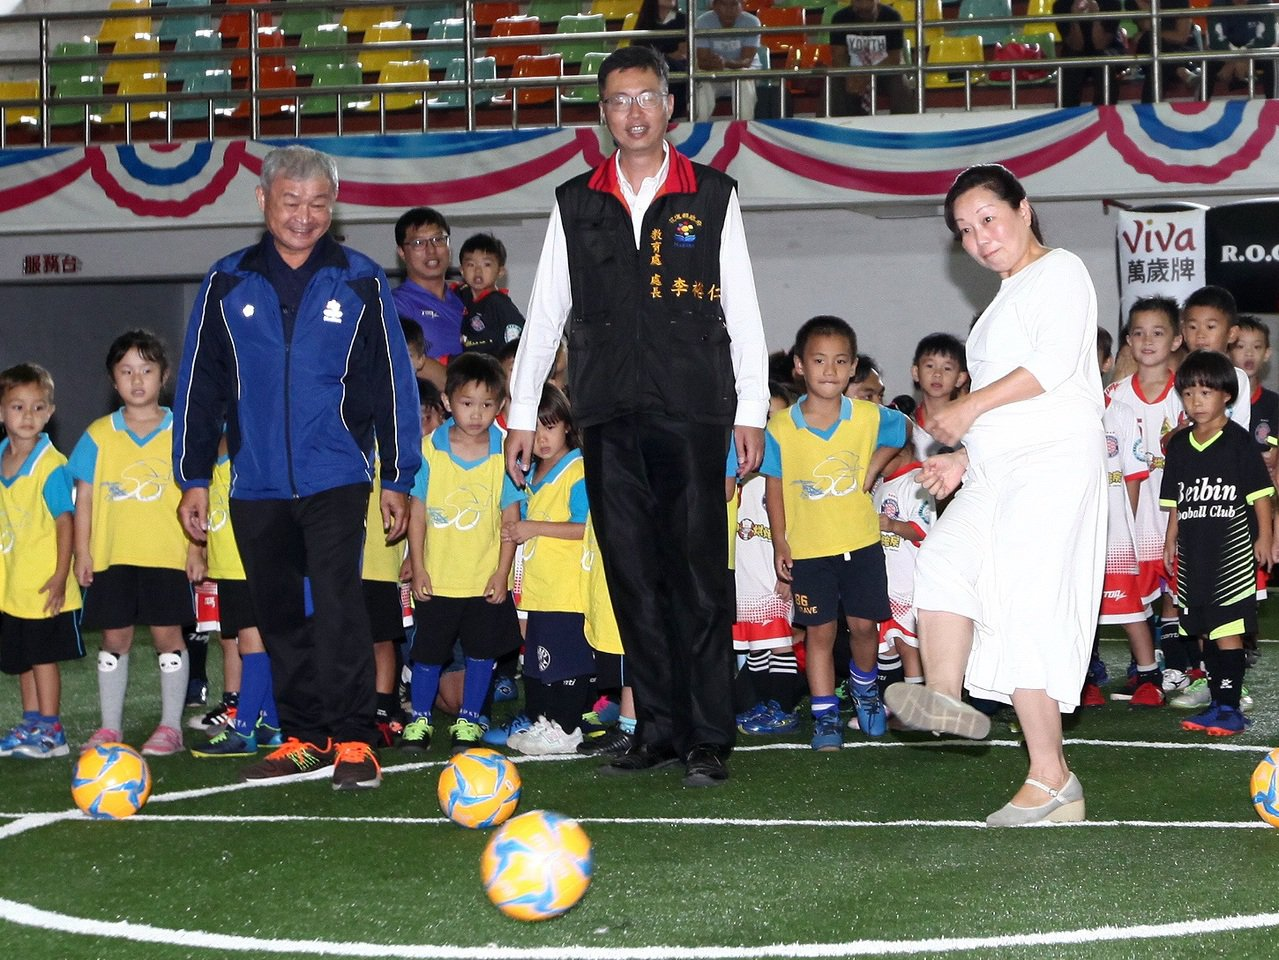 花蓮縣長徐榛蔚(右)為國民小學迷你足球賽開球。圖/迷你足球協會提供